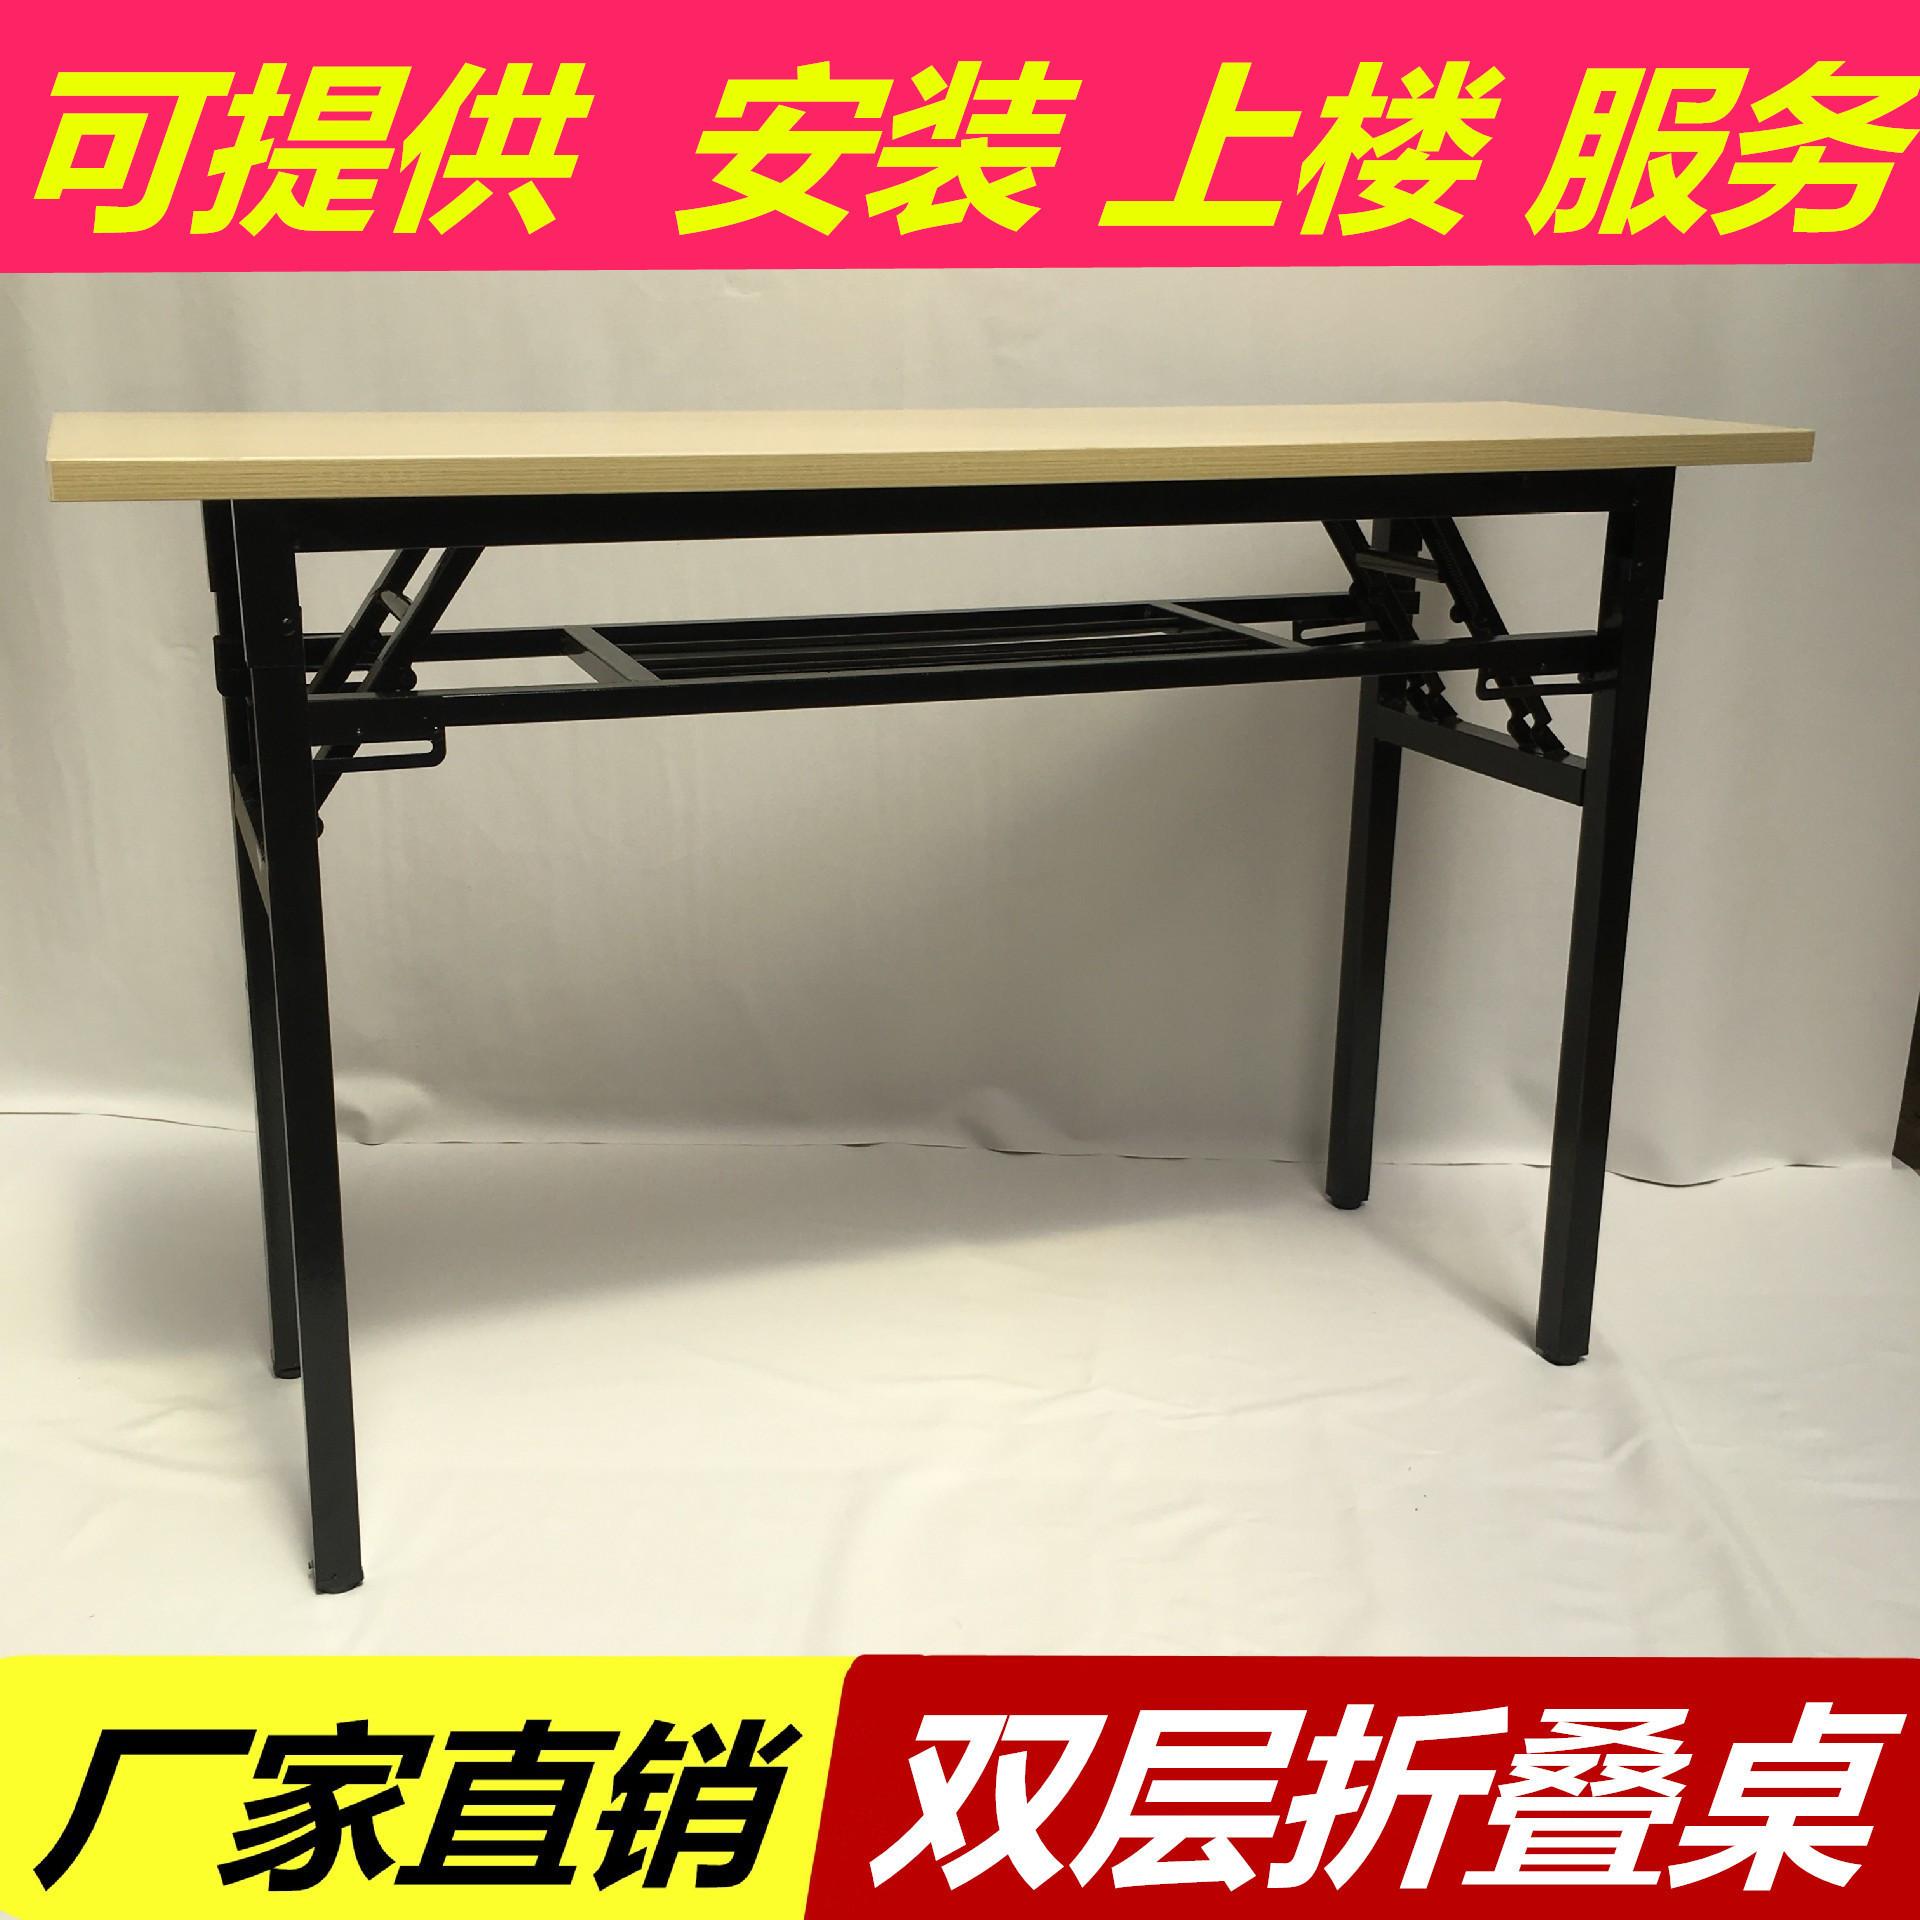 厂家批发简约培训会议桌多用折叠桌长条电脑桌快餐摆摊桌子IBM桌